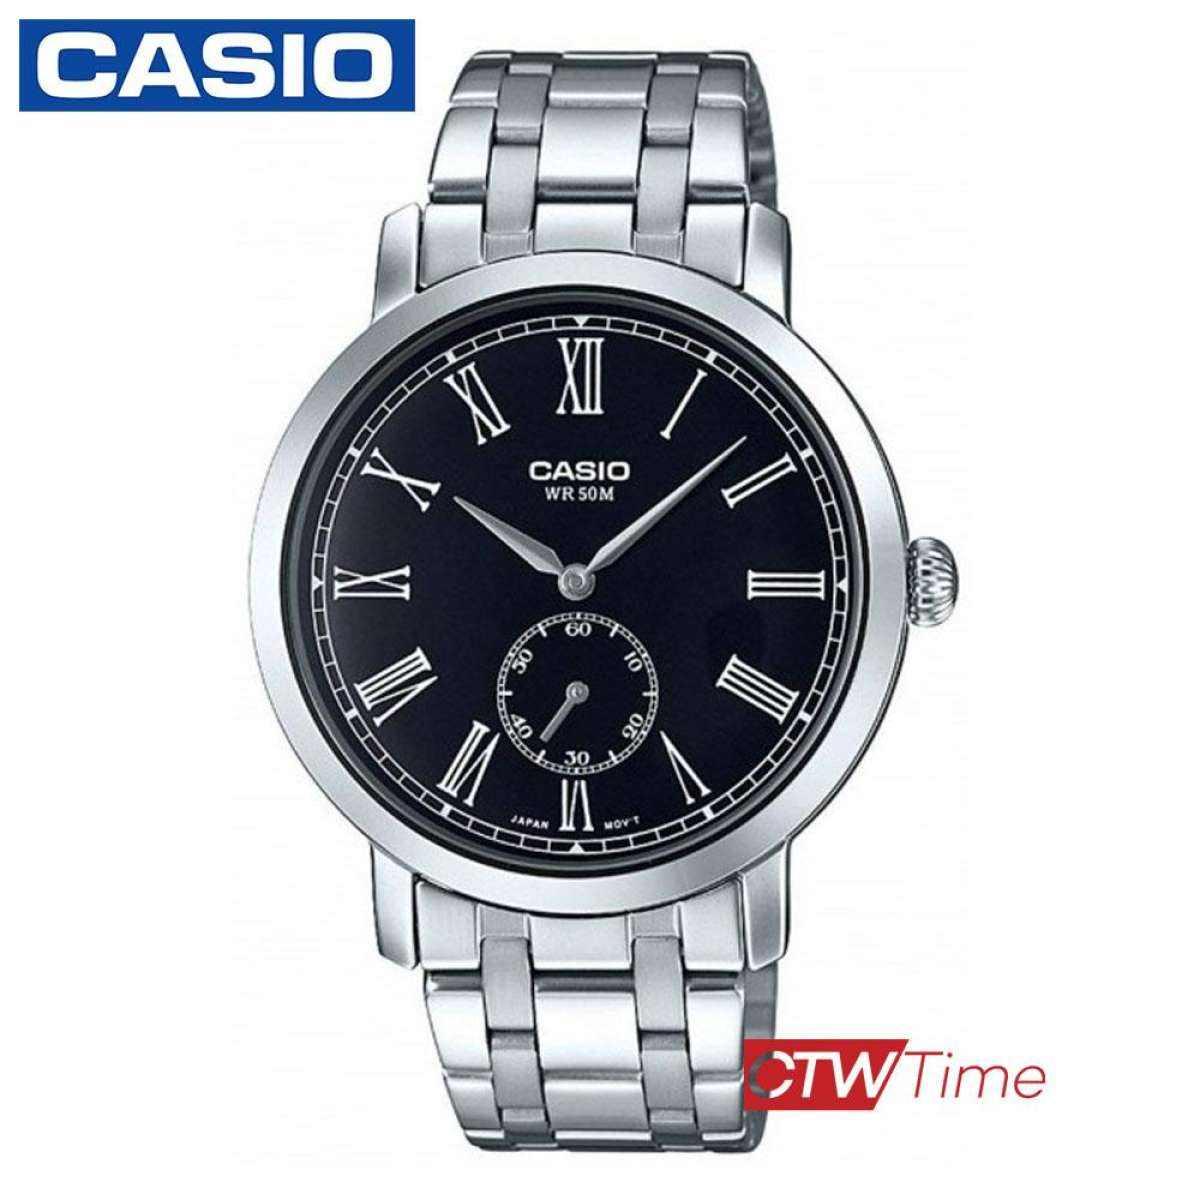 ส่งฟรี !! CASIO Standard นาฬิกาข้อมือผู้ชาย สายสแตนเลส รุ่น MTP-E150D W6fQ